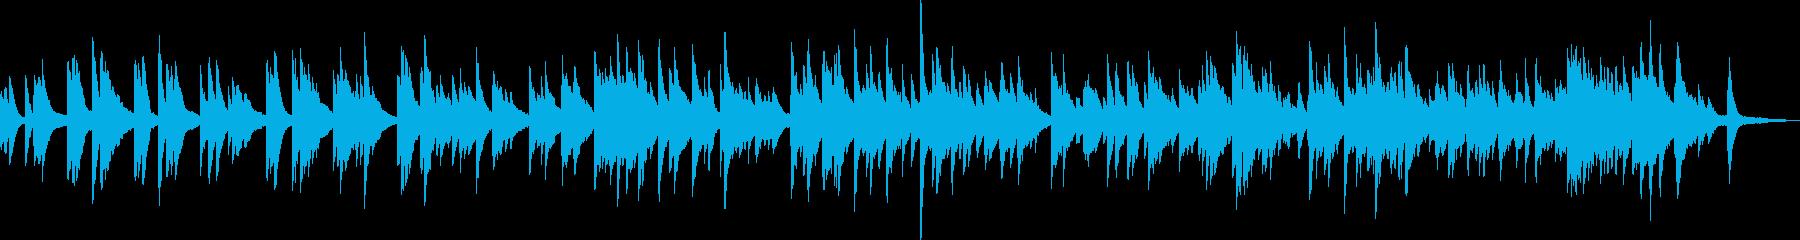 優しいピアノバラード(温かい・落ち着く)の再生済みの波形